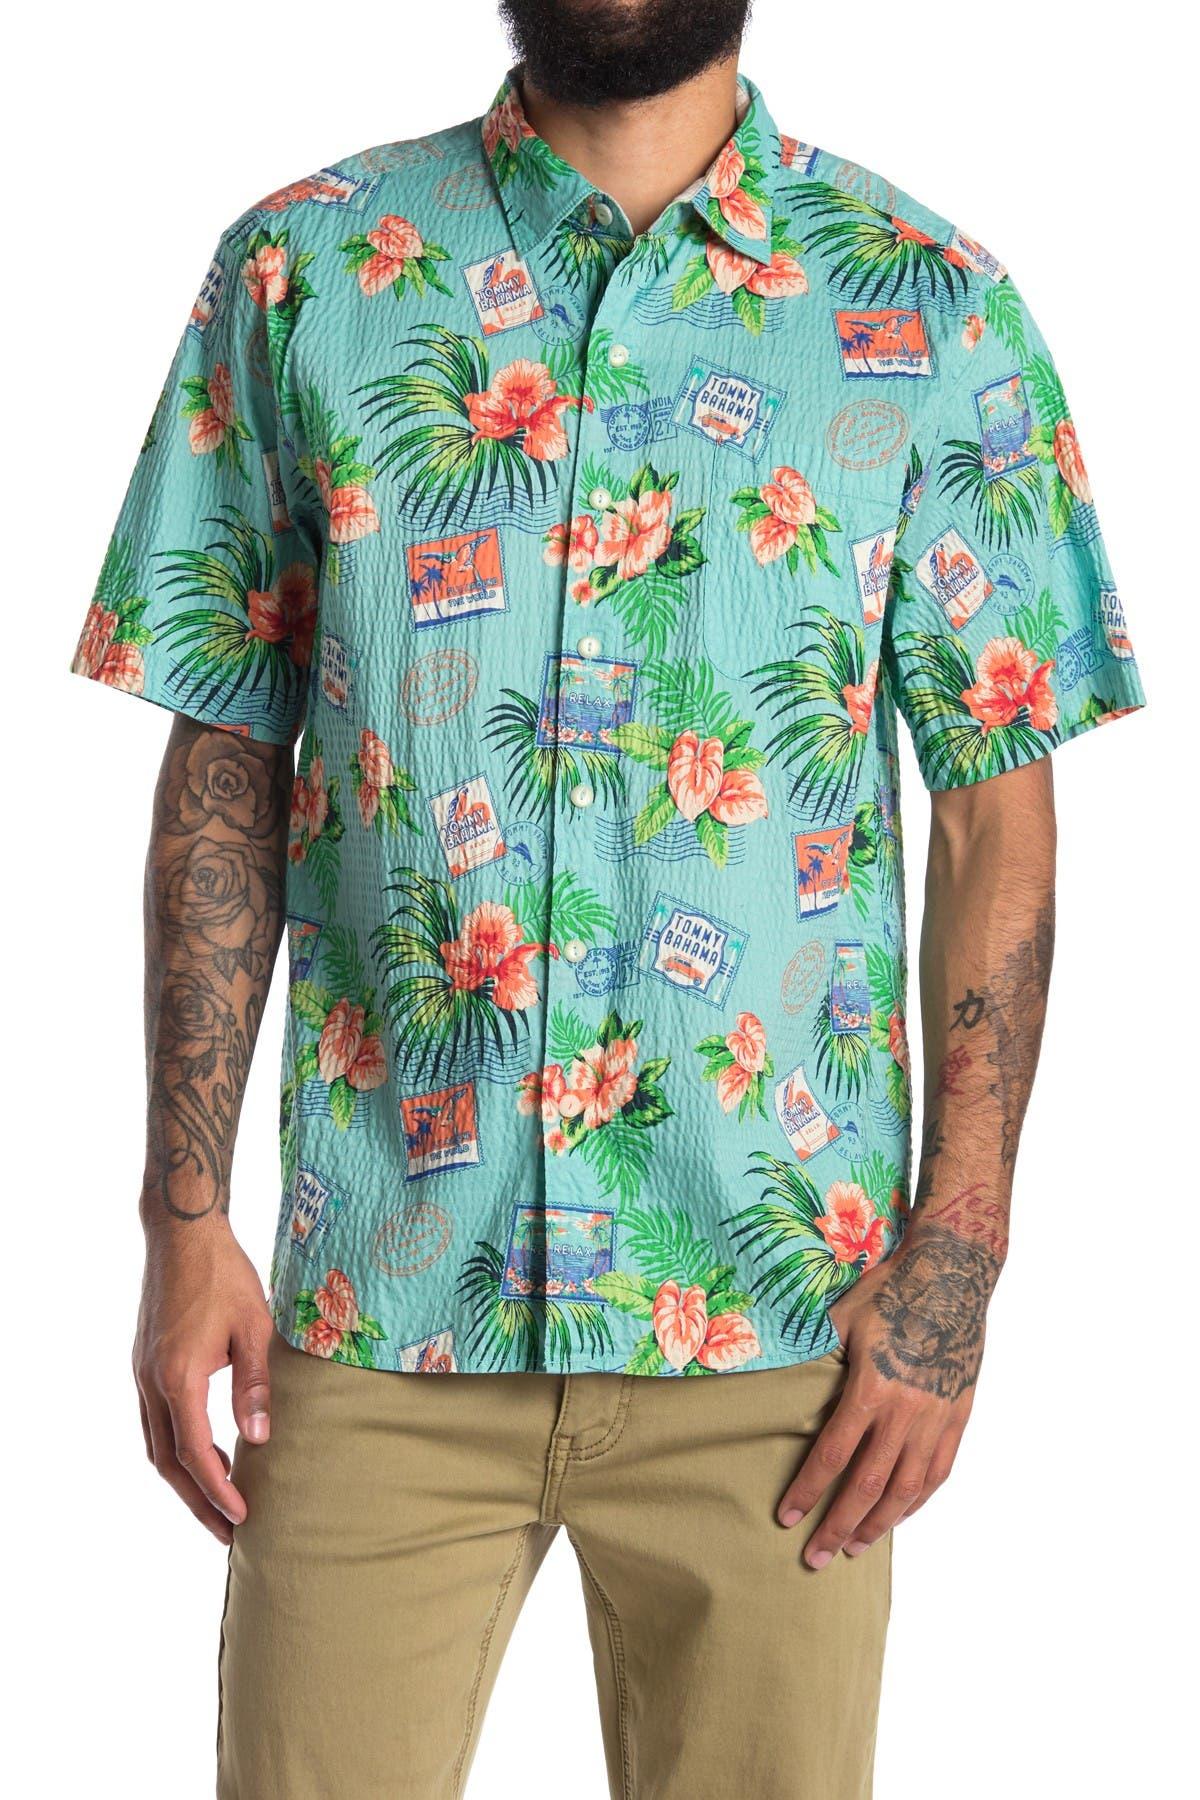 Image of Tommy Bahama Aloha From Paradise Short Sleeve Shirt